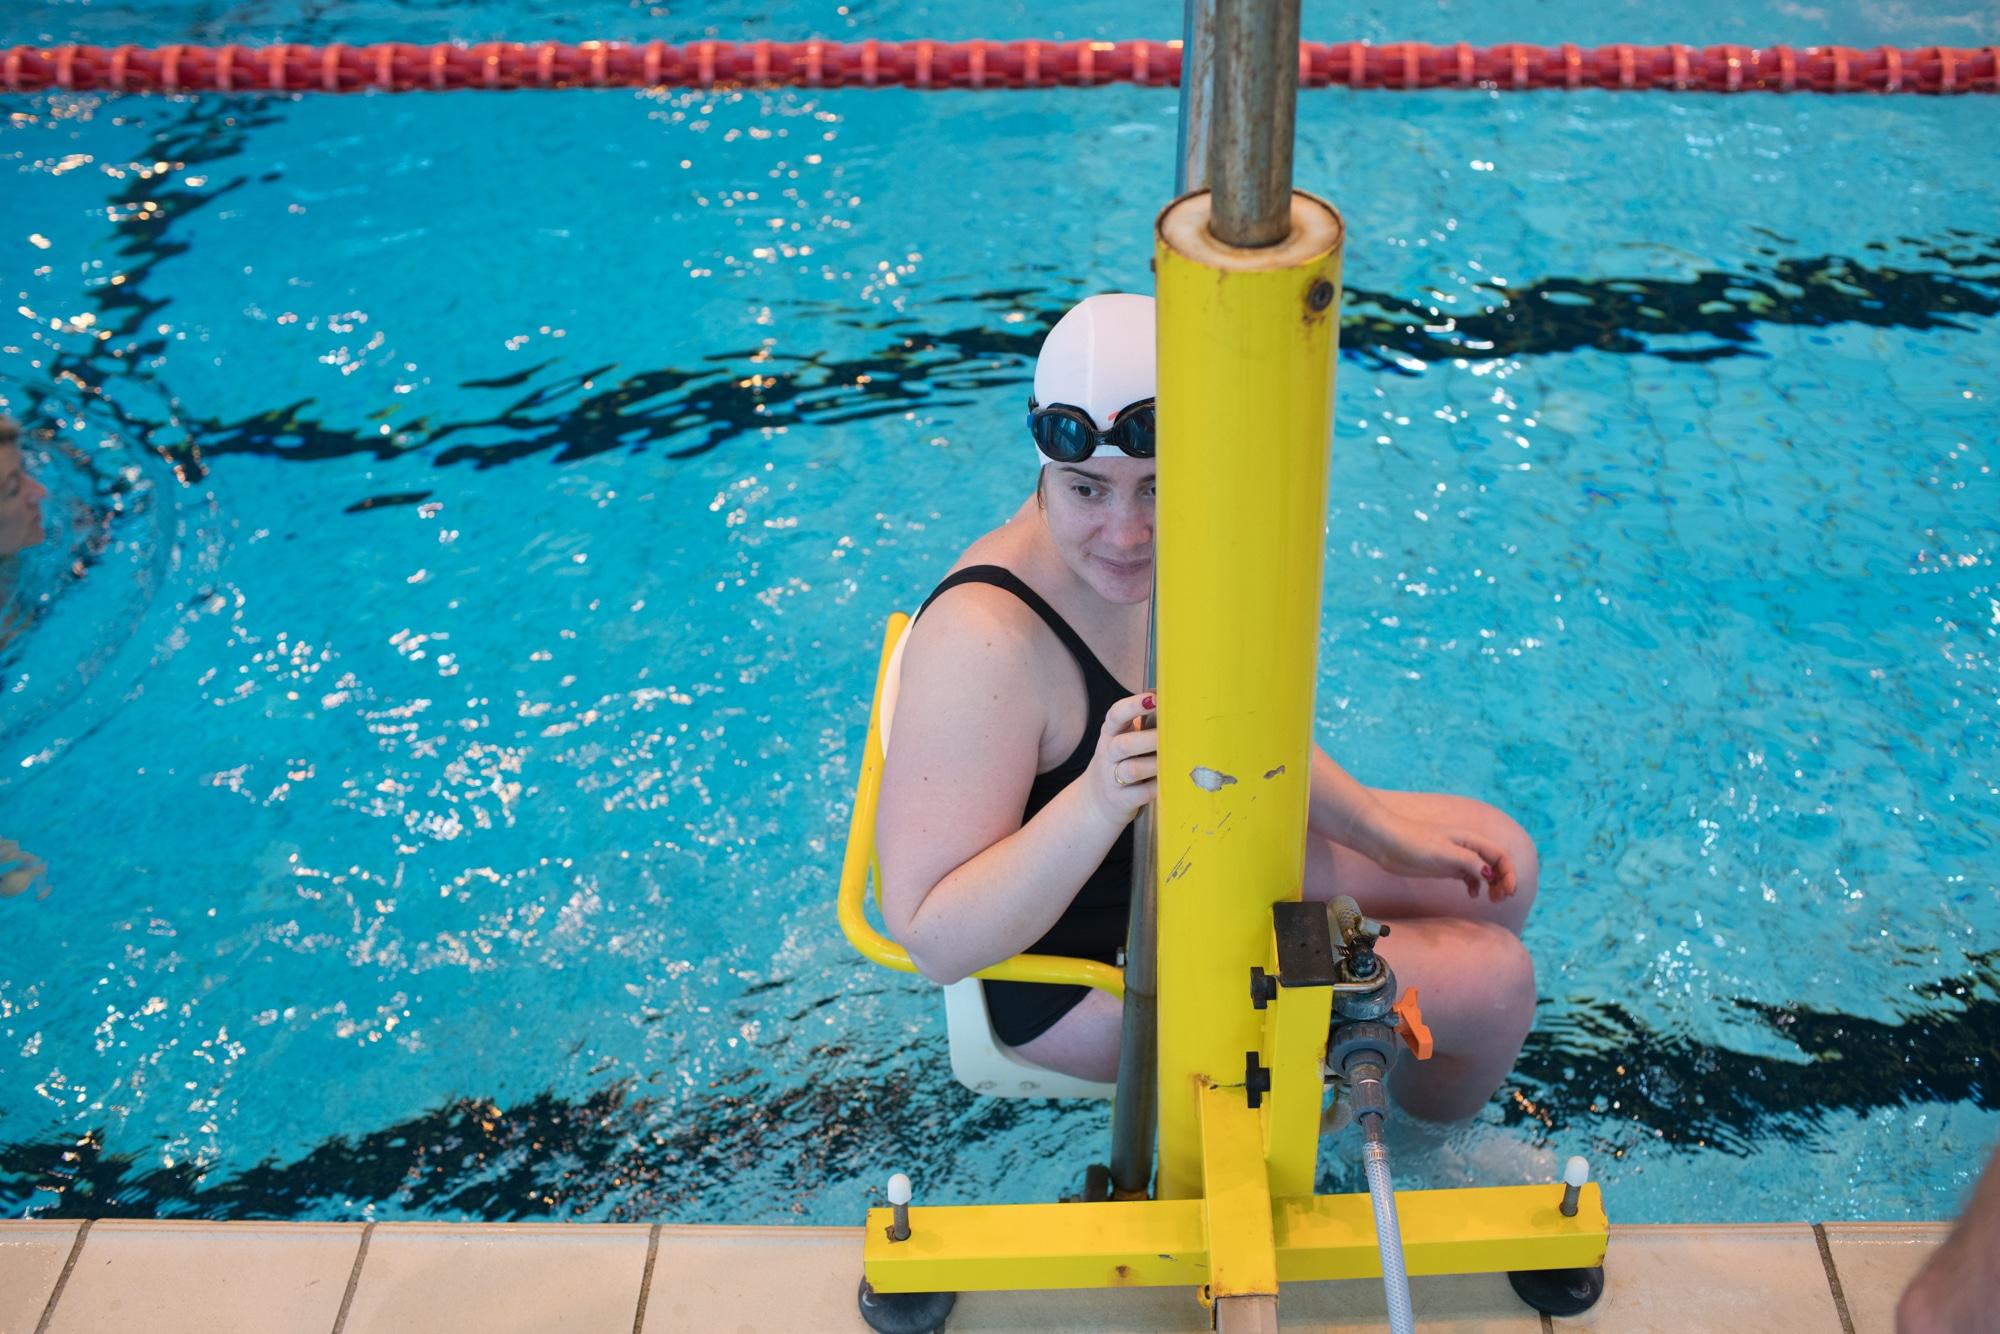 L'élève descend dans le bassin à l'aide d'un mécanisme automatisé.